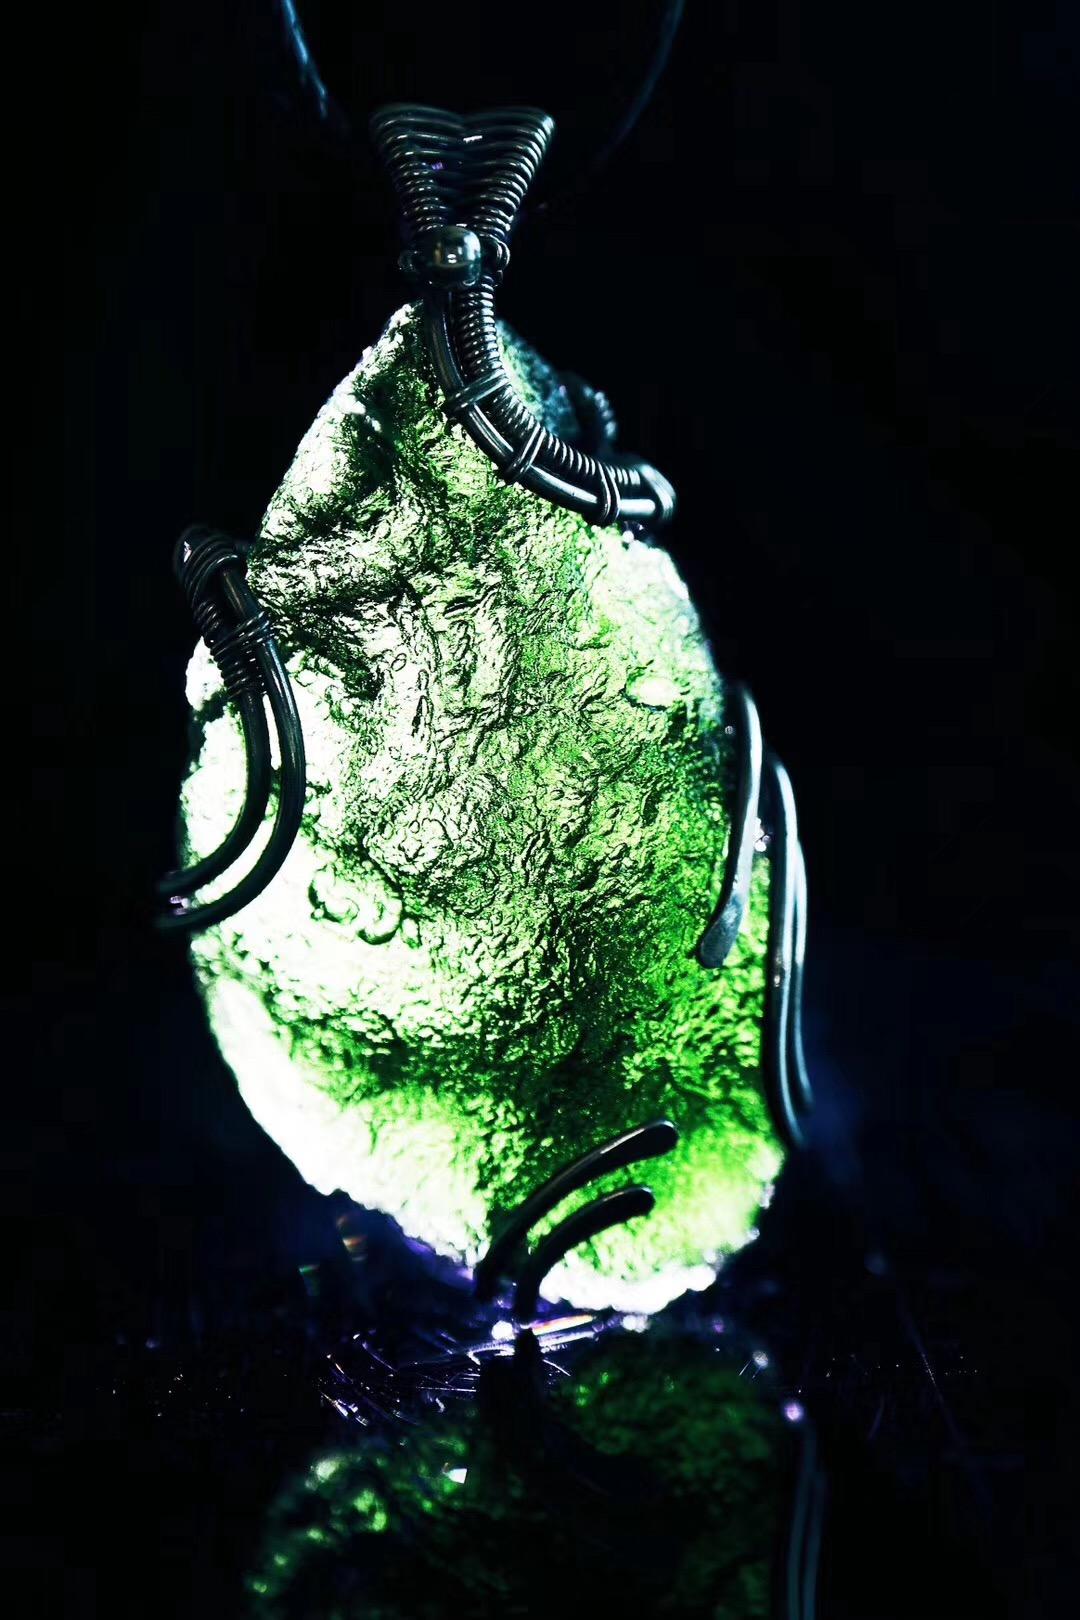 【捷克陨石】佩戴捷克陨石,代表着一种转化-菩心晶舍